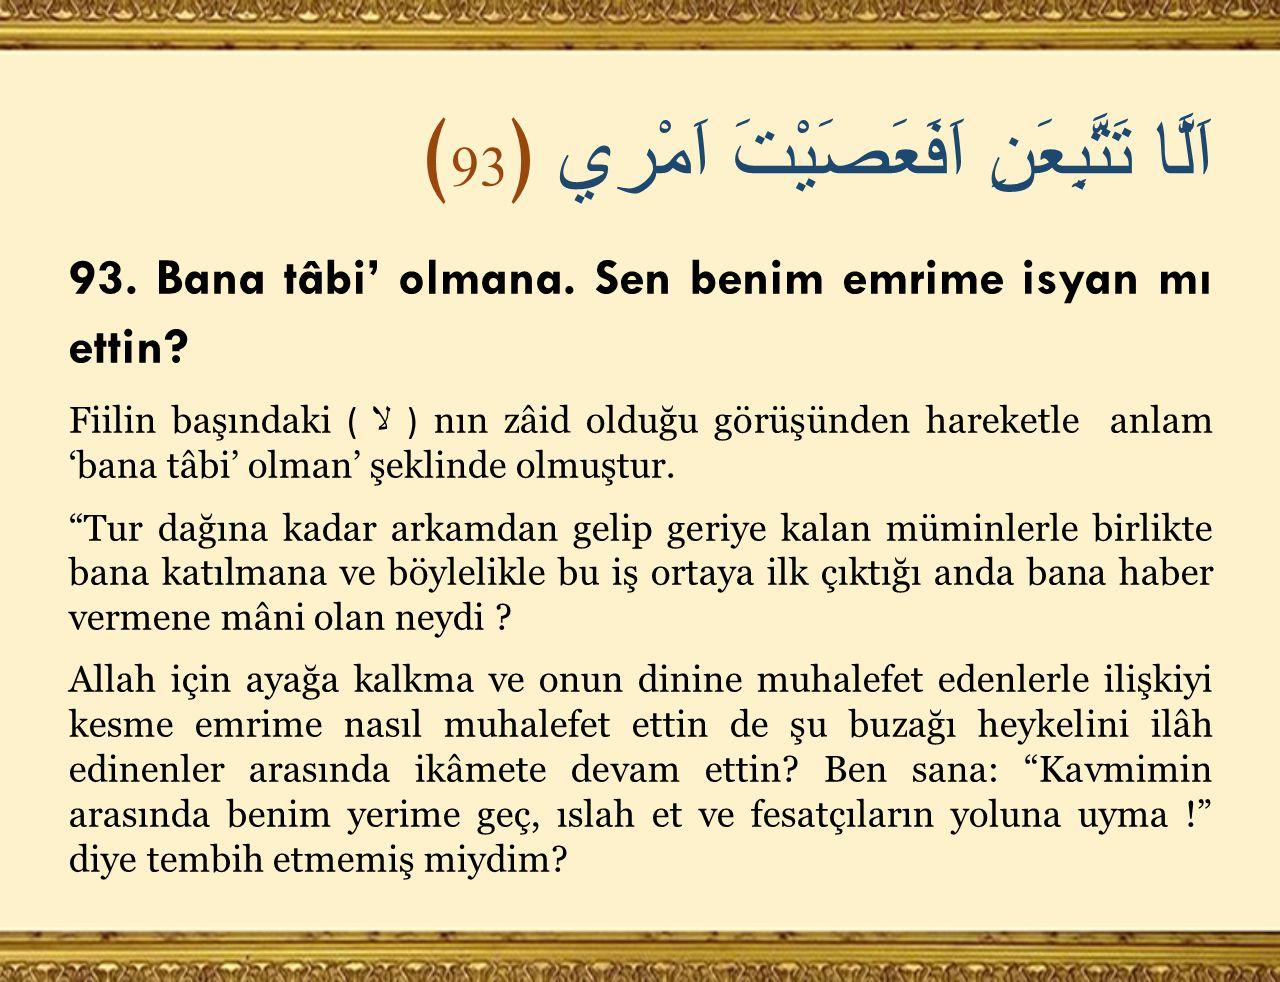 اَلَّا تَتَّبِعَنِ اَفَعَصَيْتَ اَمْري ﴿ 93 ﴾ 93. Bana tâbi' olmana.